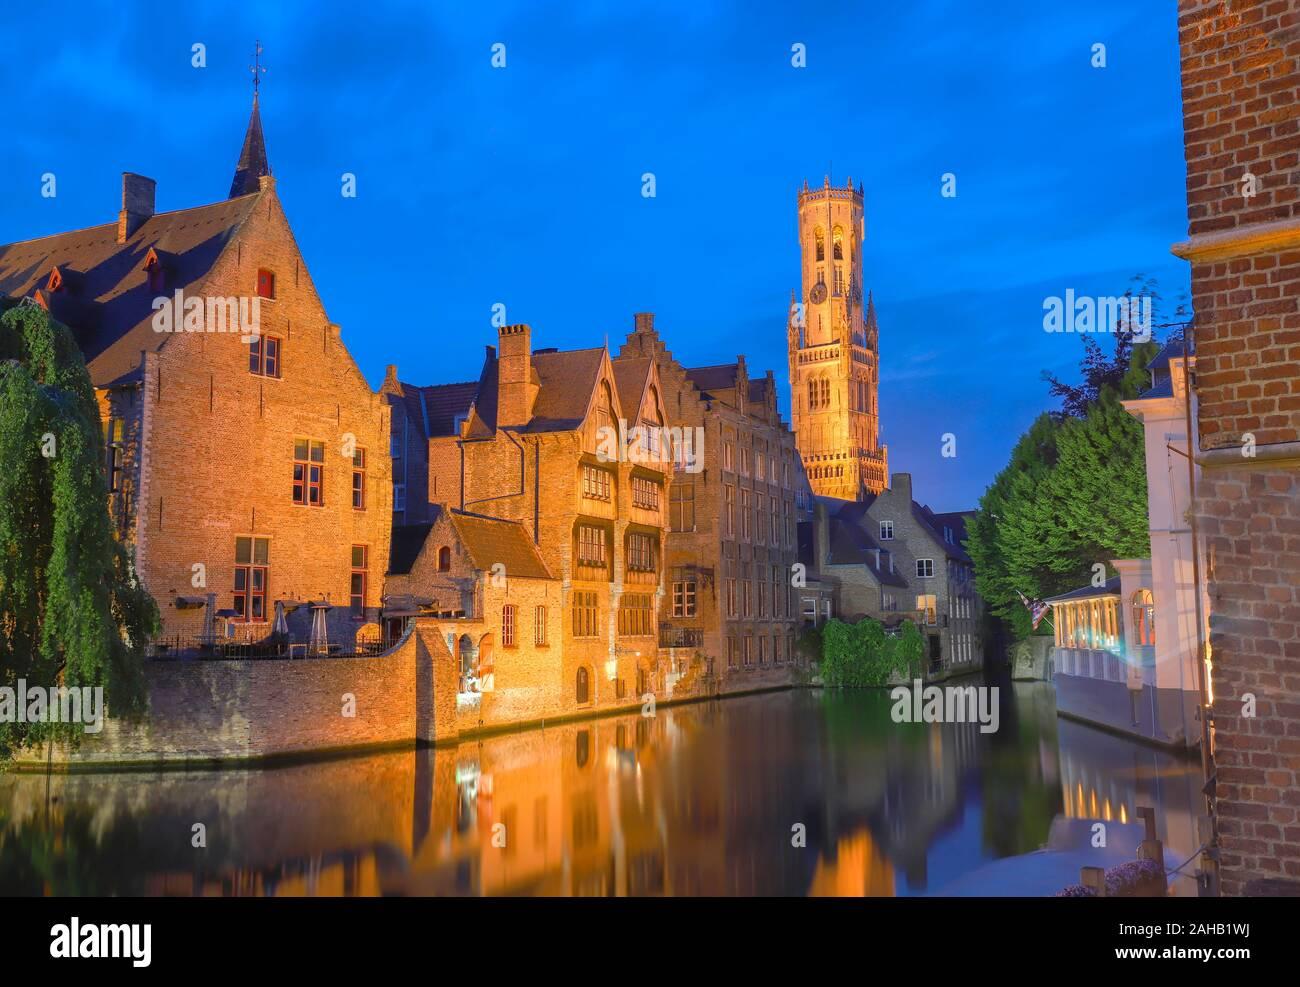 Vue sur la célèbre attraction touristique de Bruges - Rozenhoedkaai vue canal avec beffroi et maisons anciennes le long de canal avec arbre dans la nuit. Belgique Banque D'Images